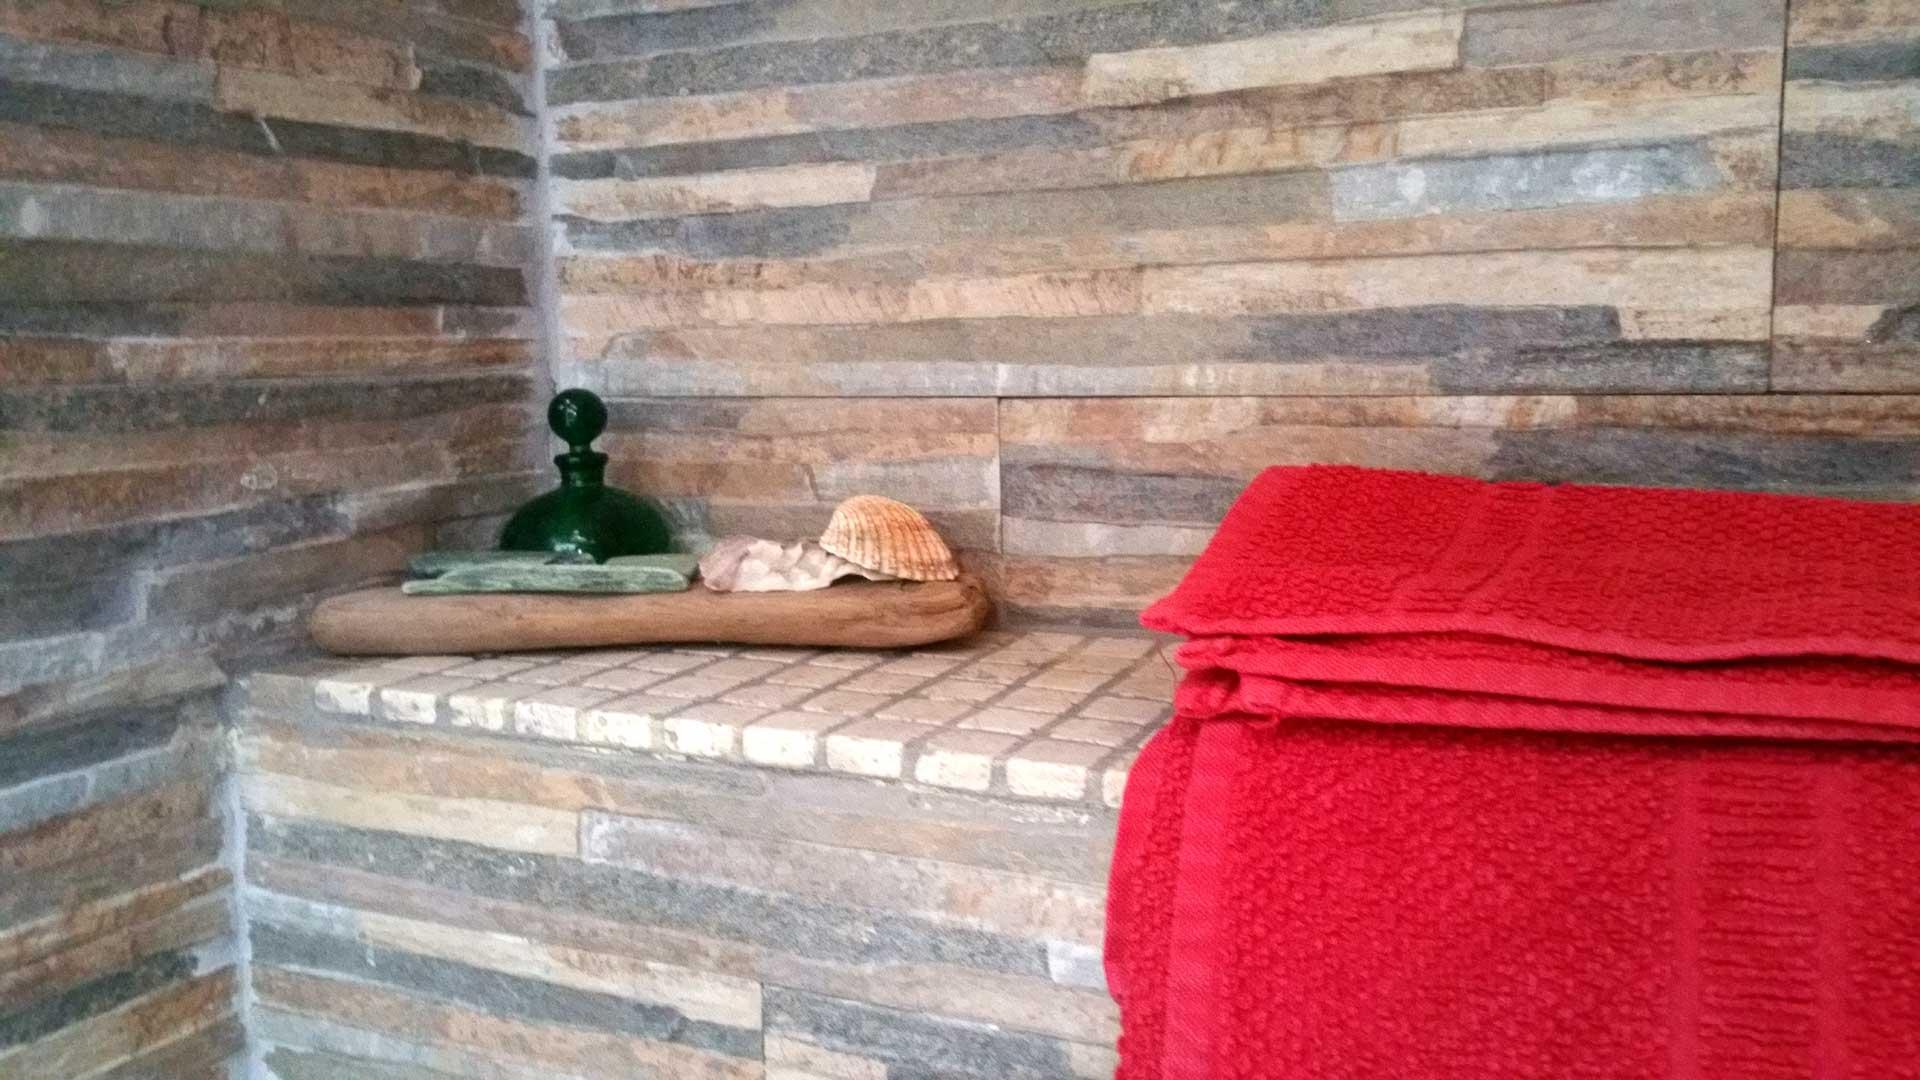 Bagno camera 900 boccetta profumo asciugamani B&B & Meditation Center Zorba il Buddha Passerano Marmorito Asti